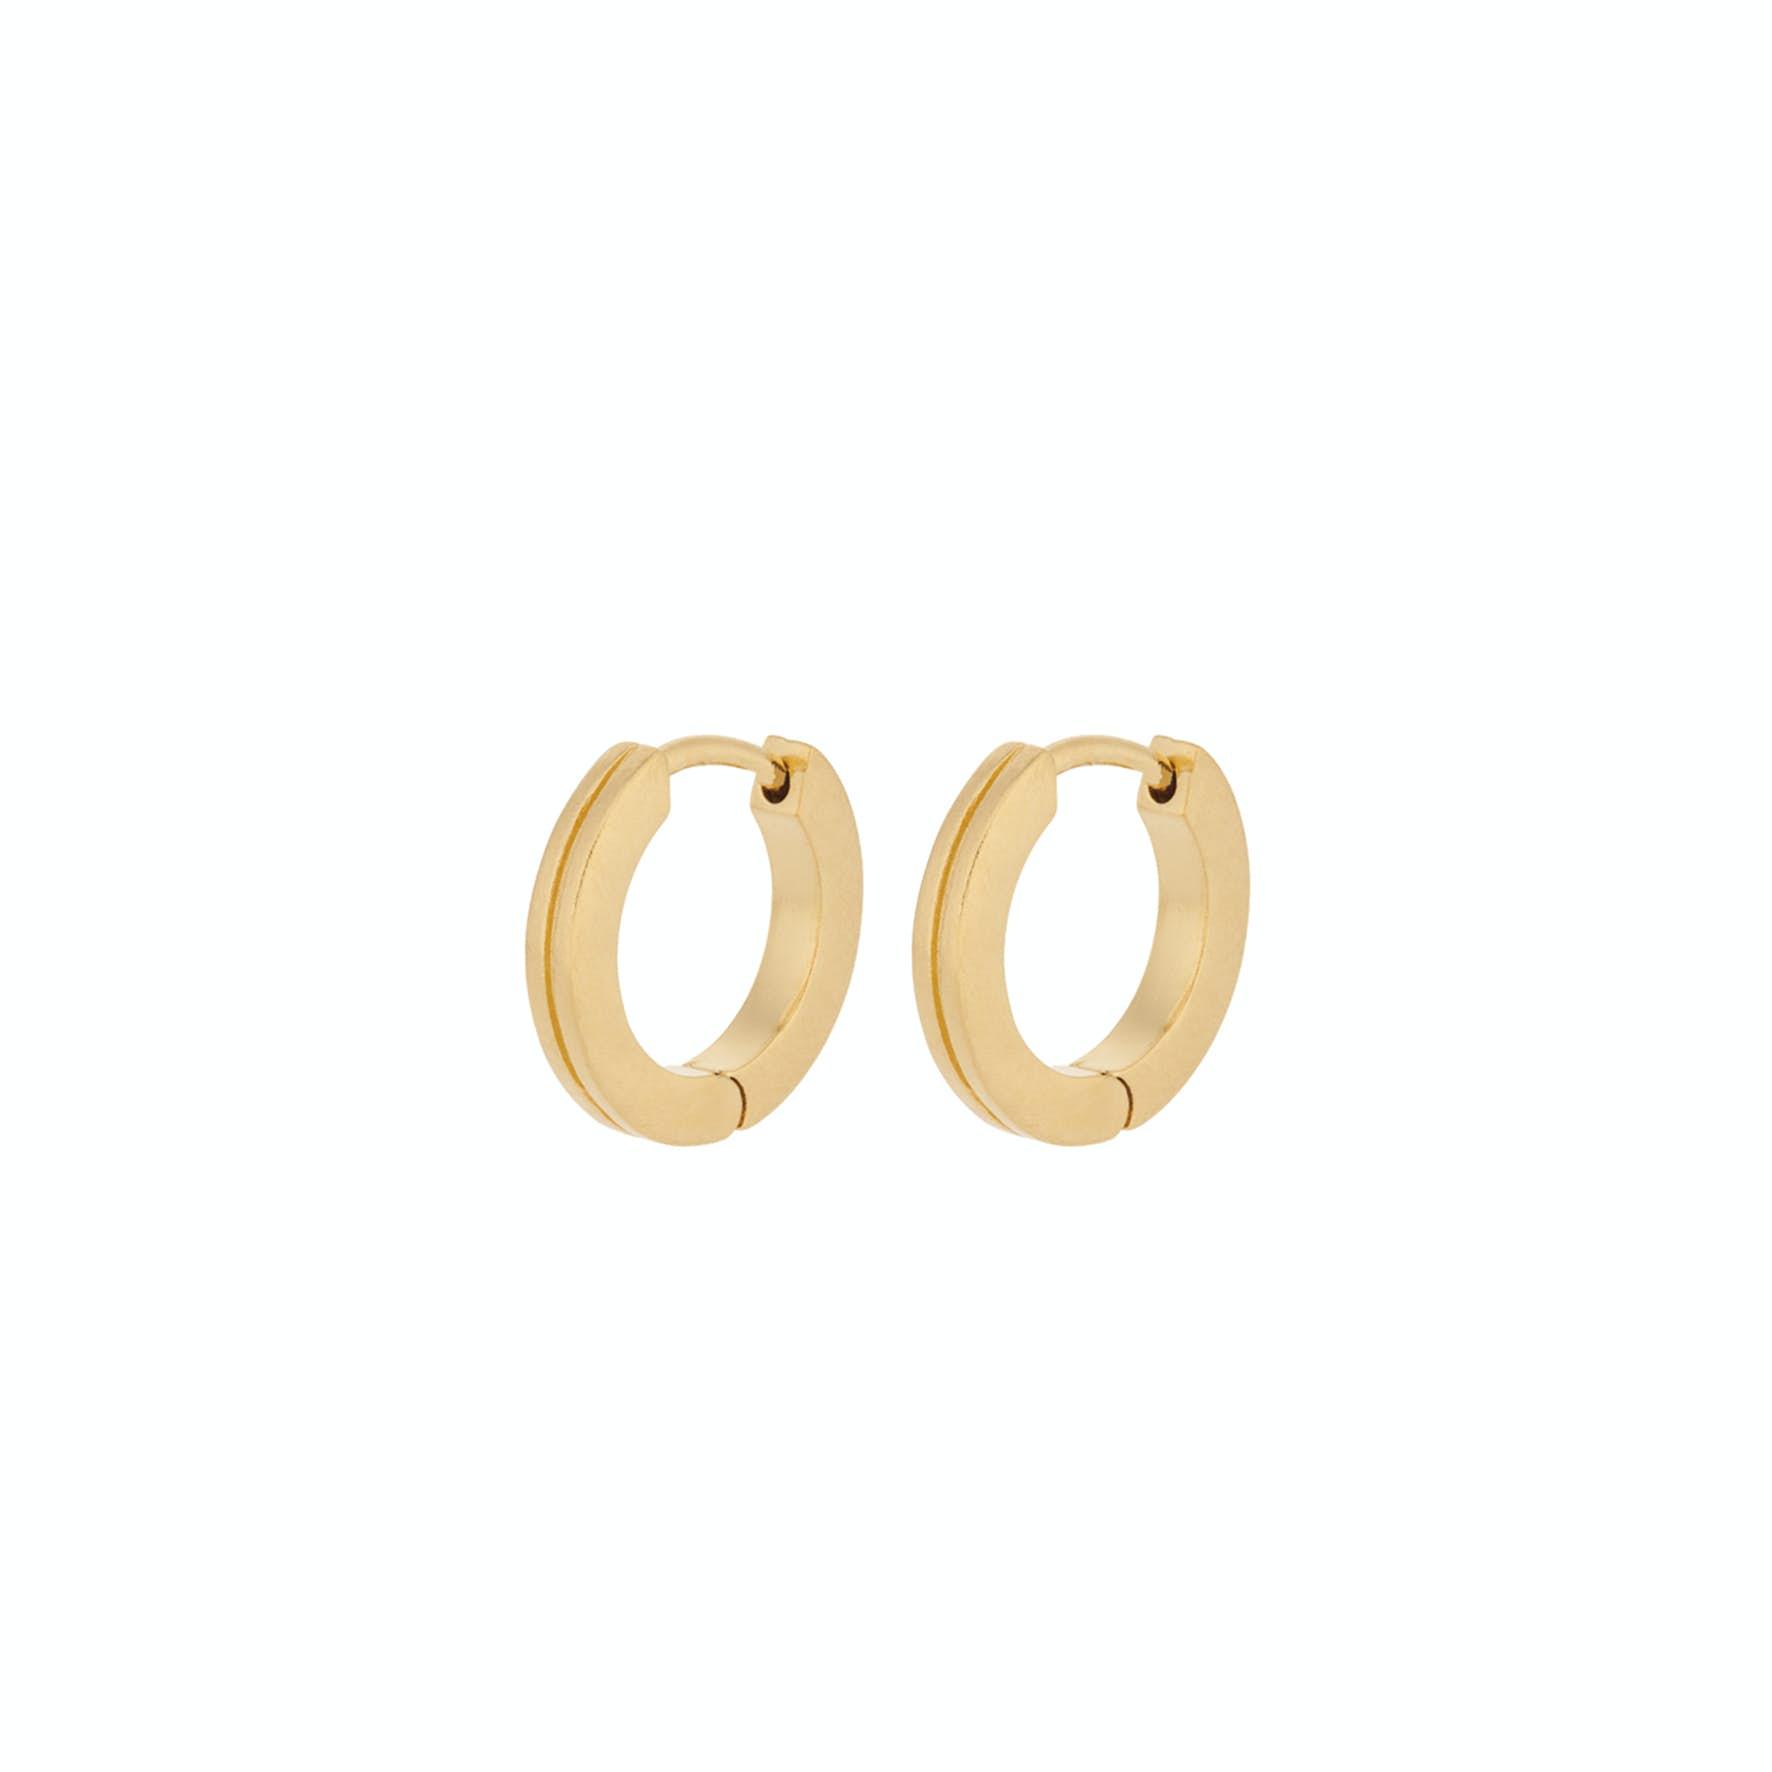 Eddie Huggie Earrings fra Pernille Corydon i Forgyldt-Sølv Sterling 925